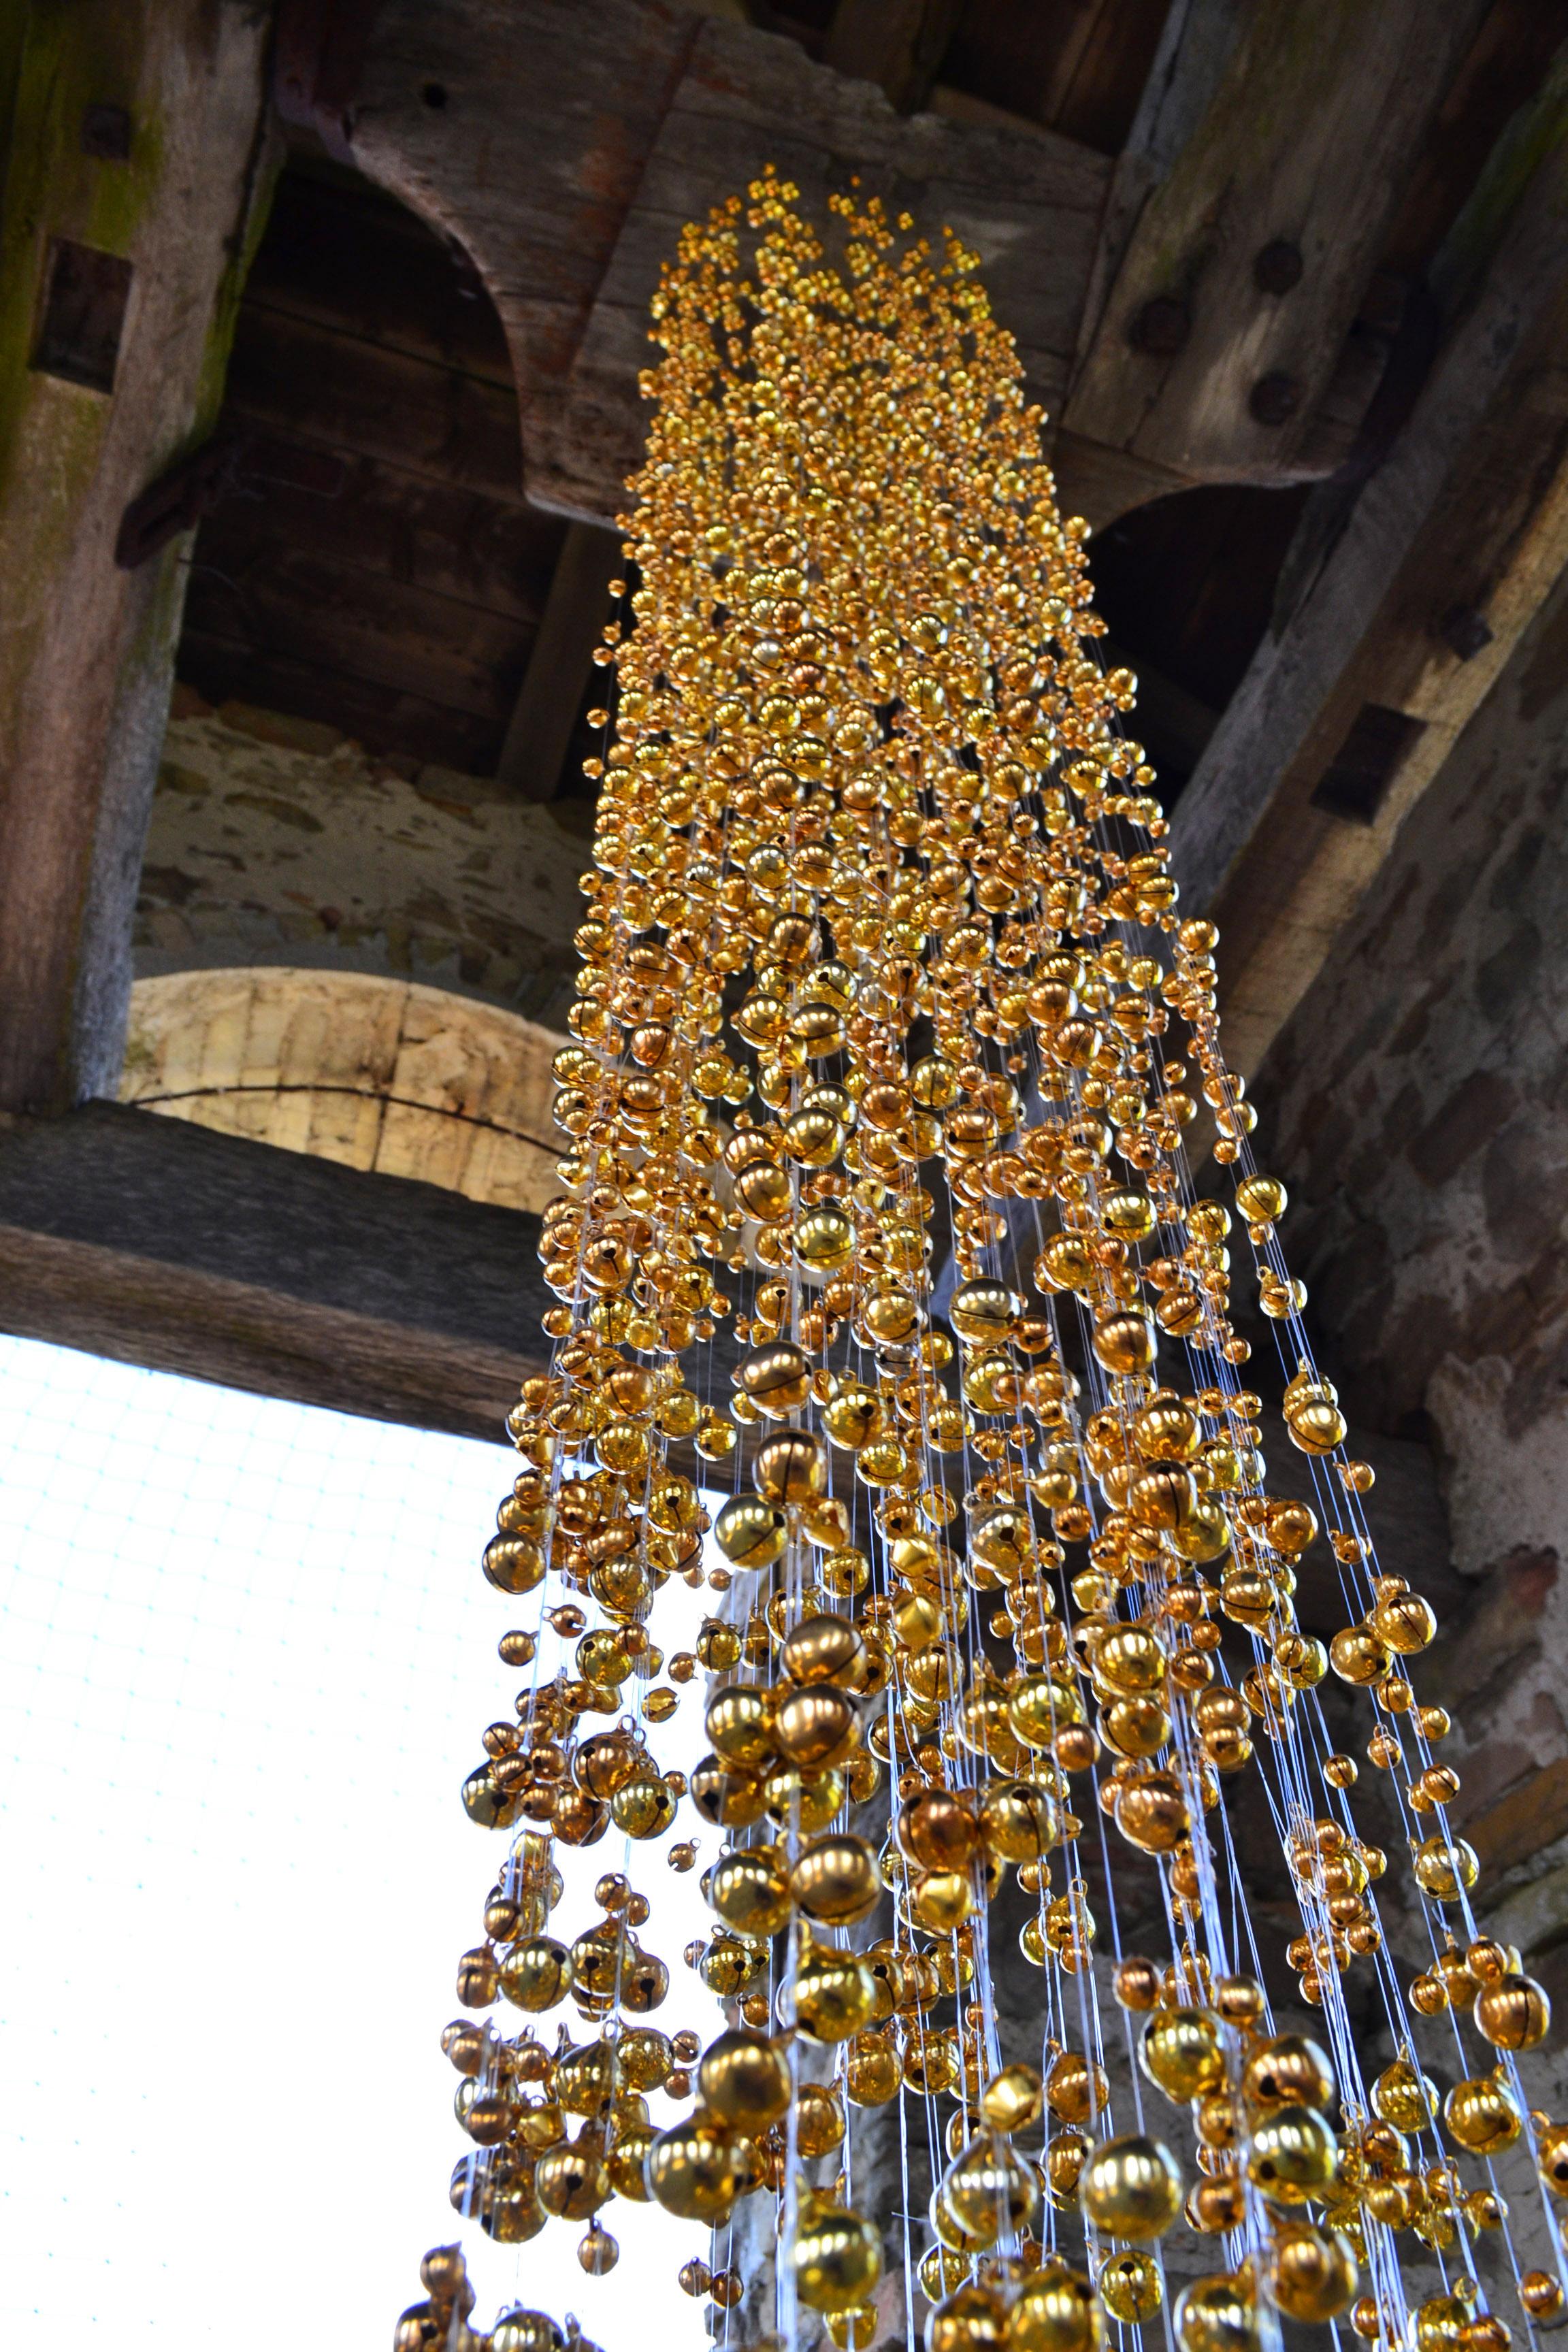 Tamara Ferioli, COLONNA SONORA quattordicigiugnoduemilasedici 2016 3300 campanellini e 400 metri di filo su legno , site specific